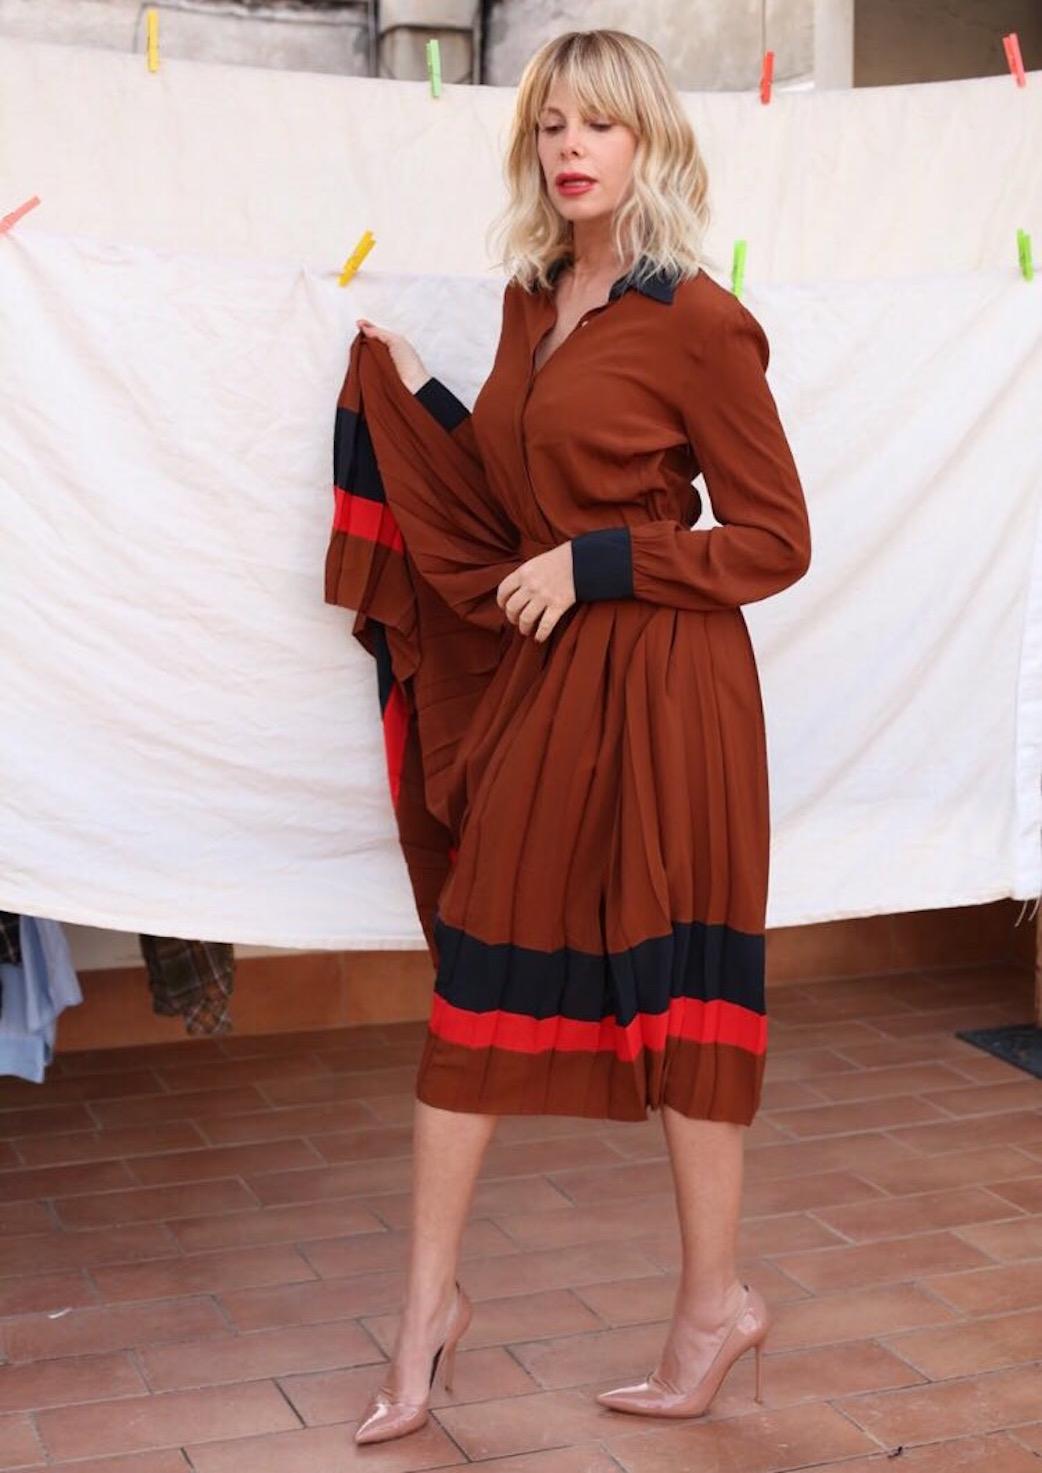 alessia-marcuzzi-terrazza-raffo-vestito4